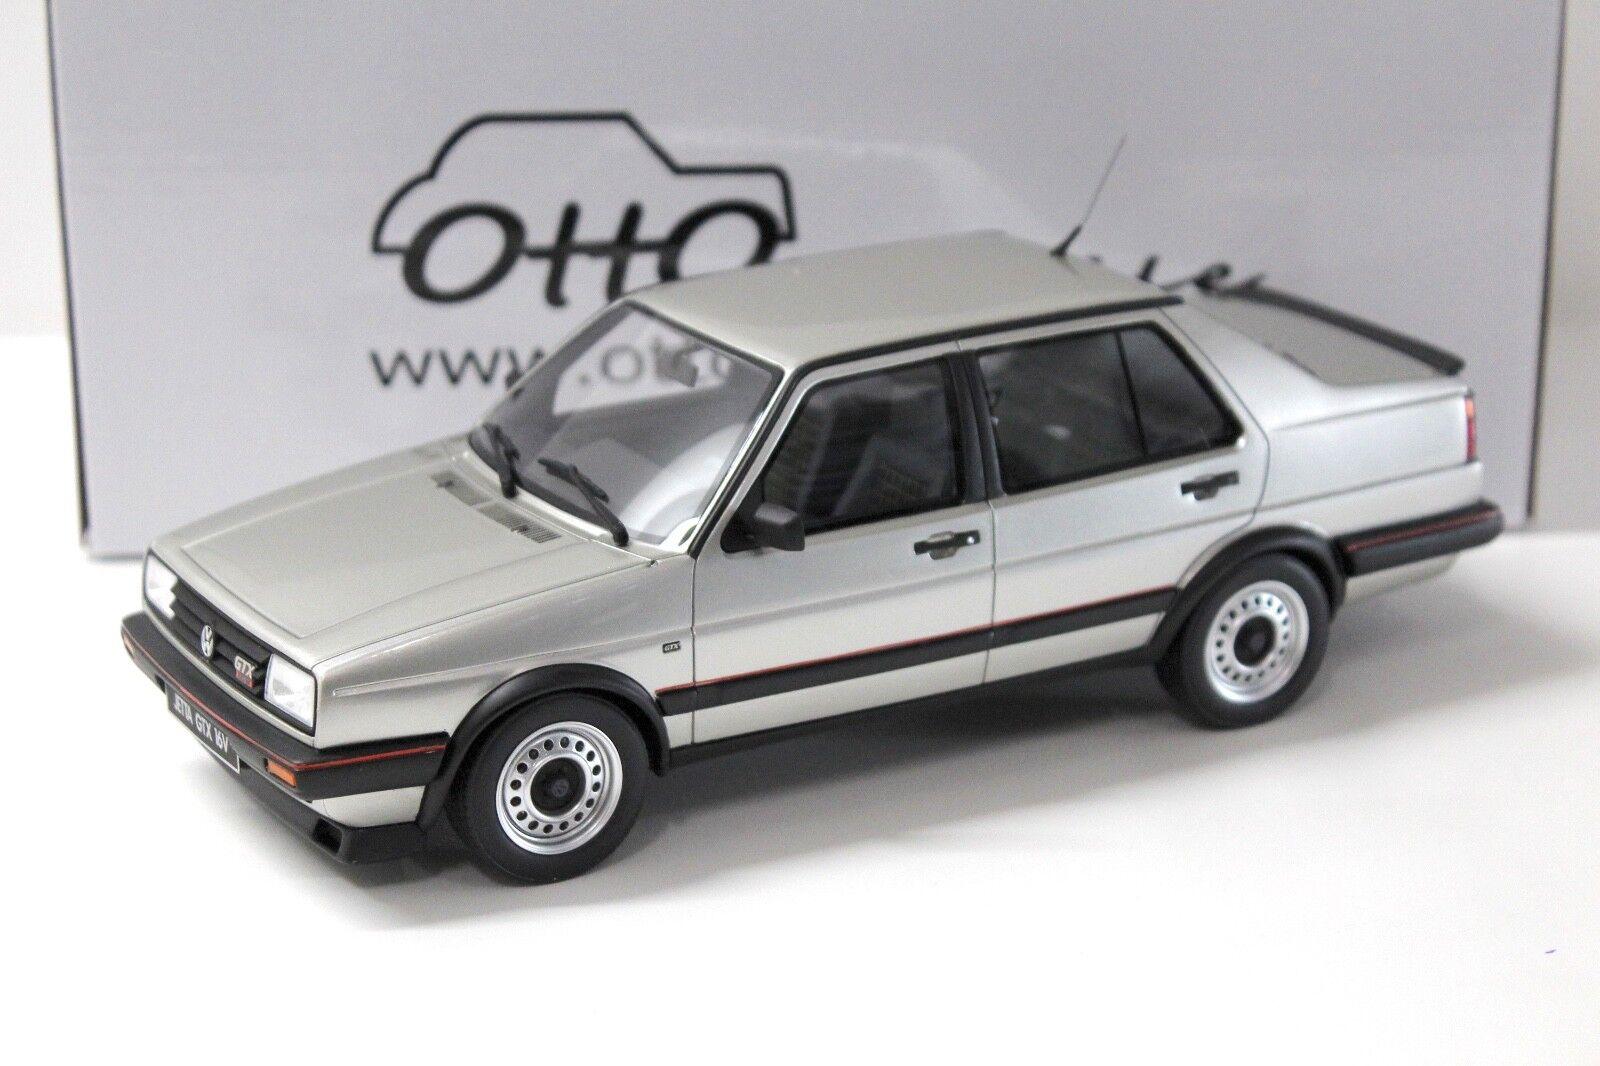 caliente 1 18 Otto VW Jetta MKII GTX GTX GTX 16v sedan plata New en Premium-modelCoches  bienvenido a orden